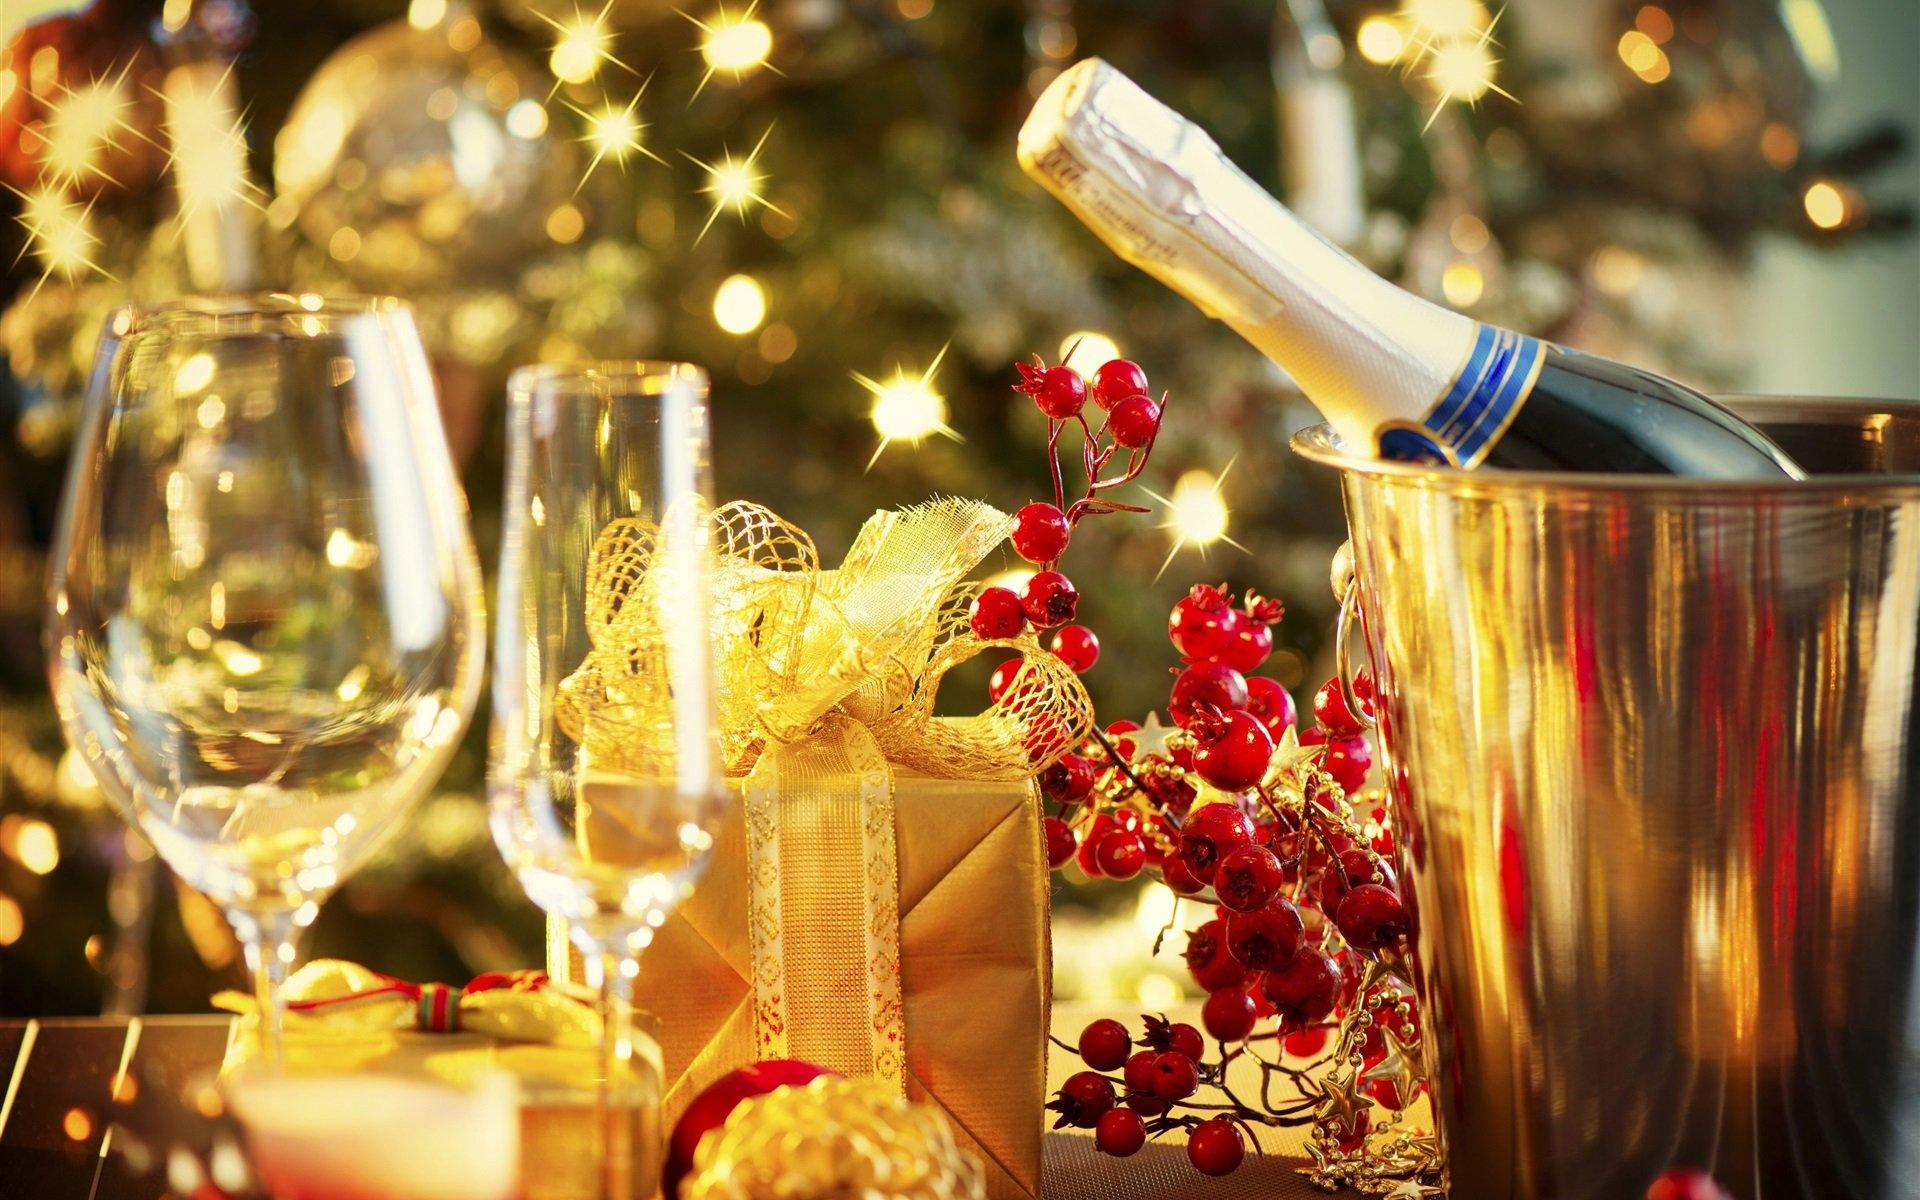 Эксперты: Стоимость водки и шампанского в преддверии Нового года не изменится